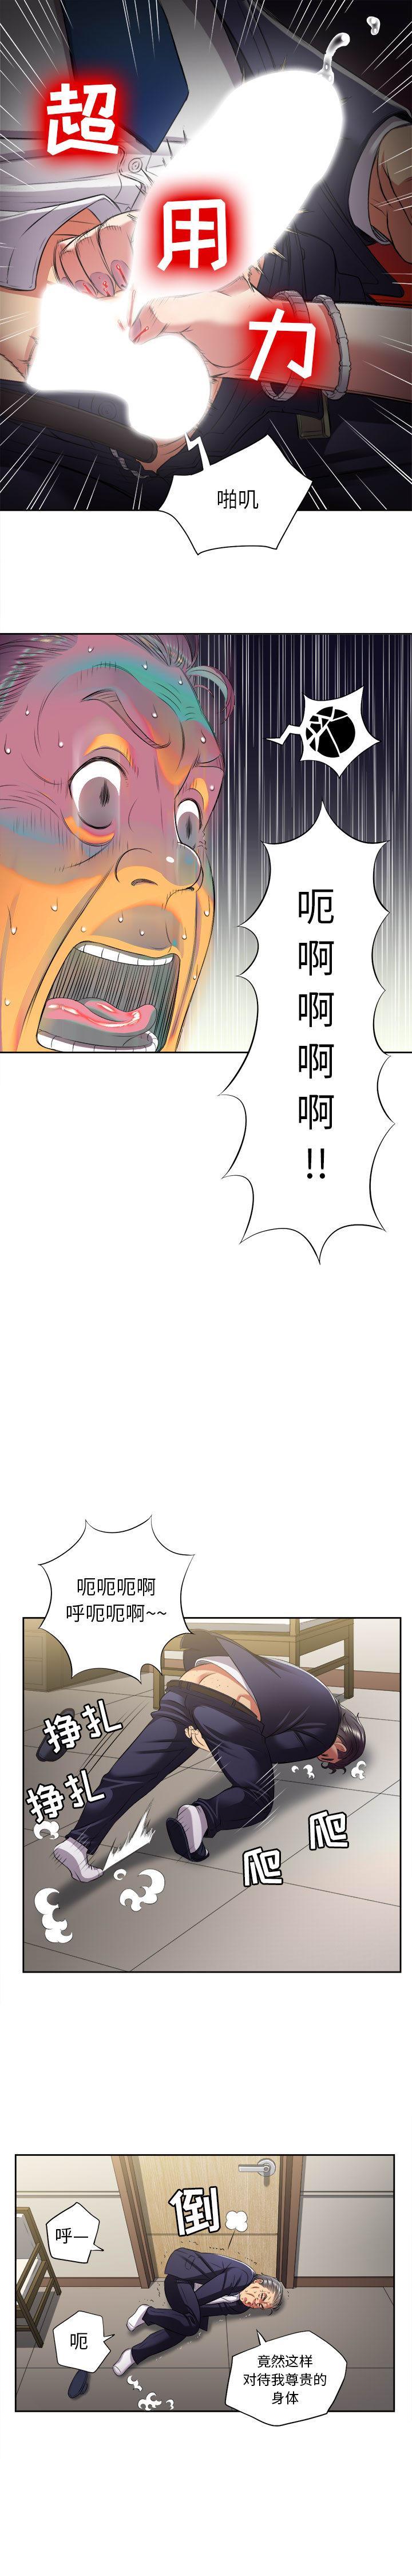 由莉的秘密1-60 中文翻译 (更新中) 157